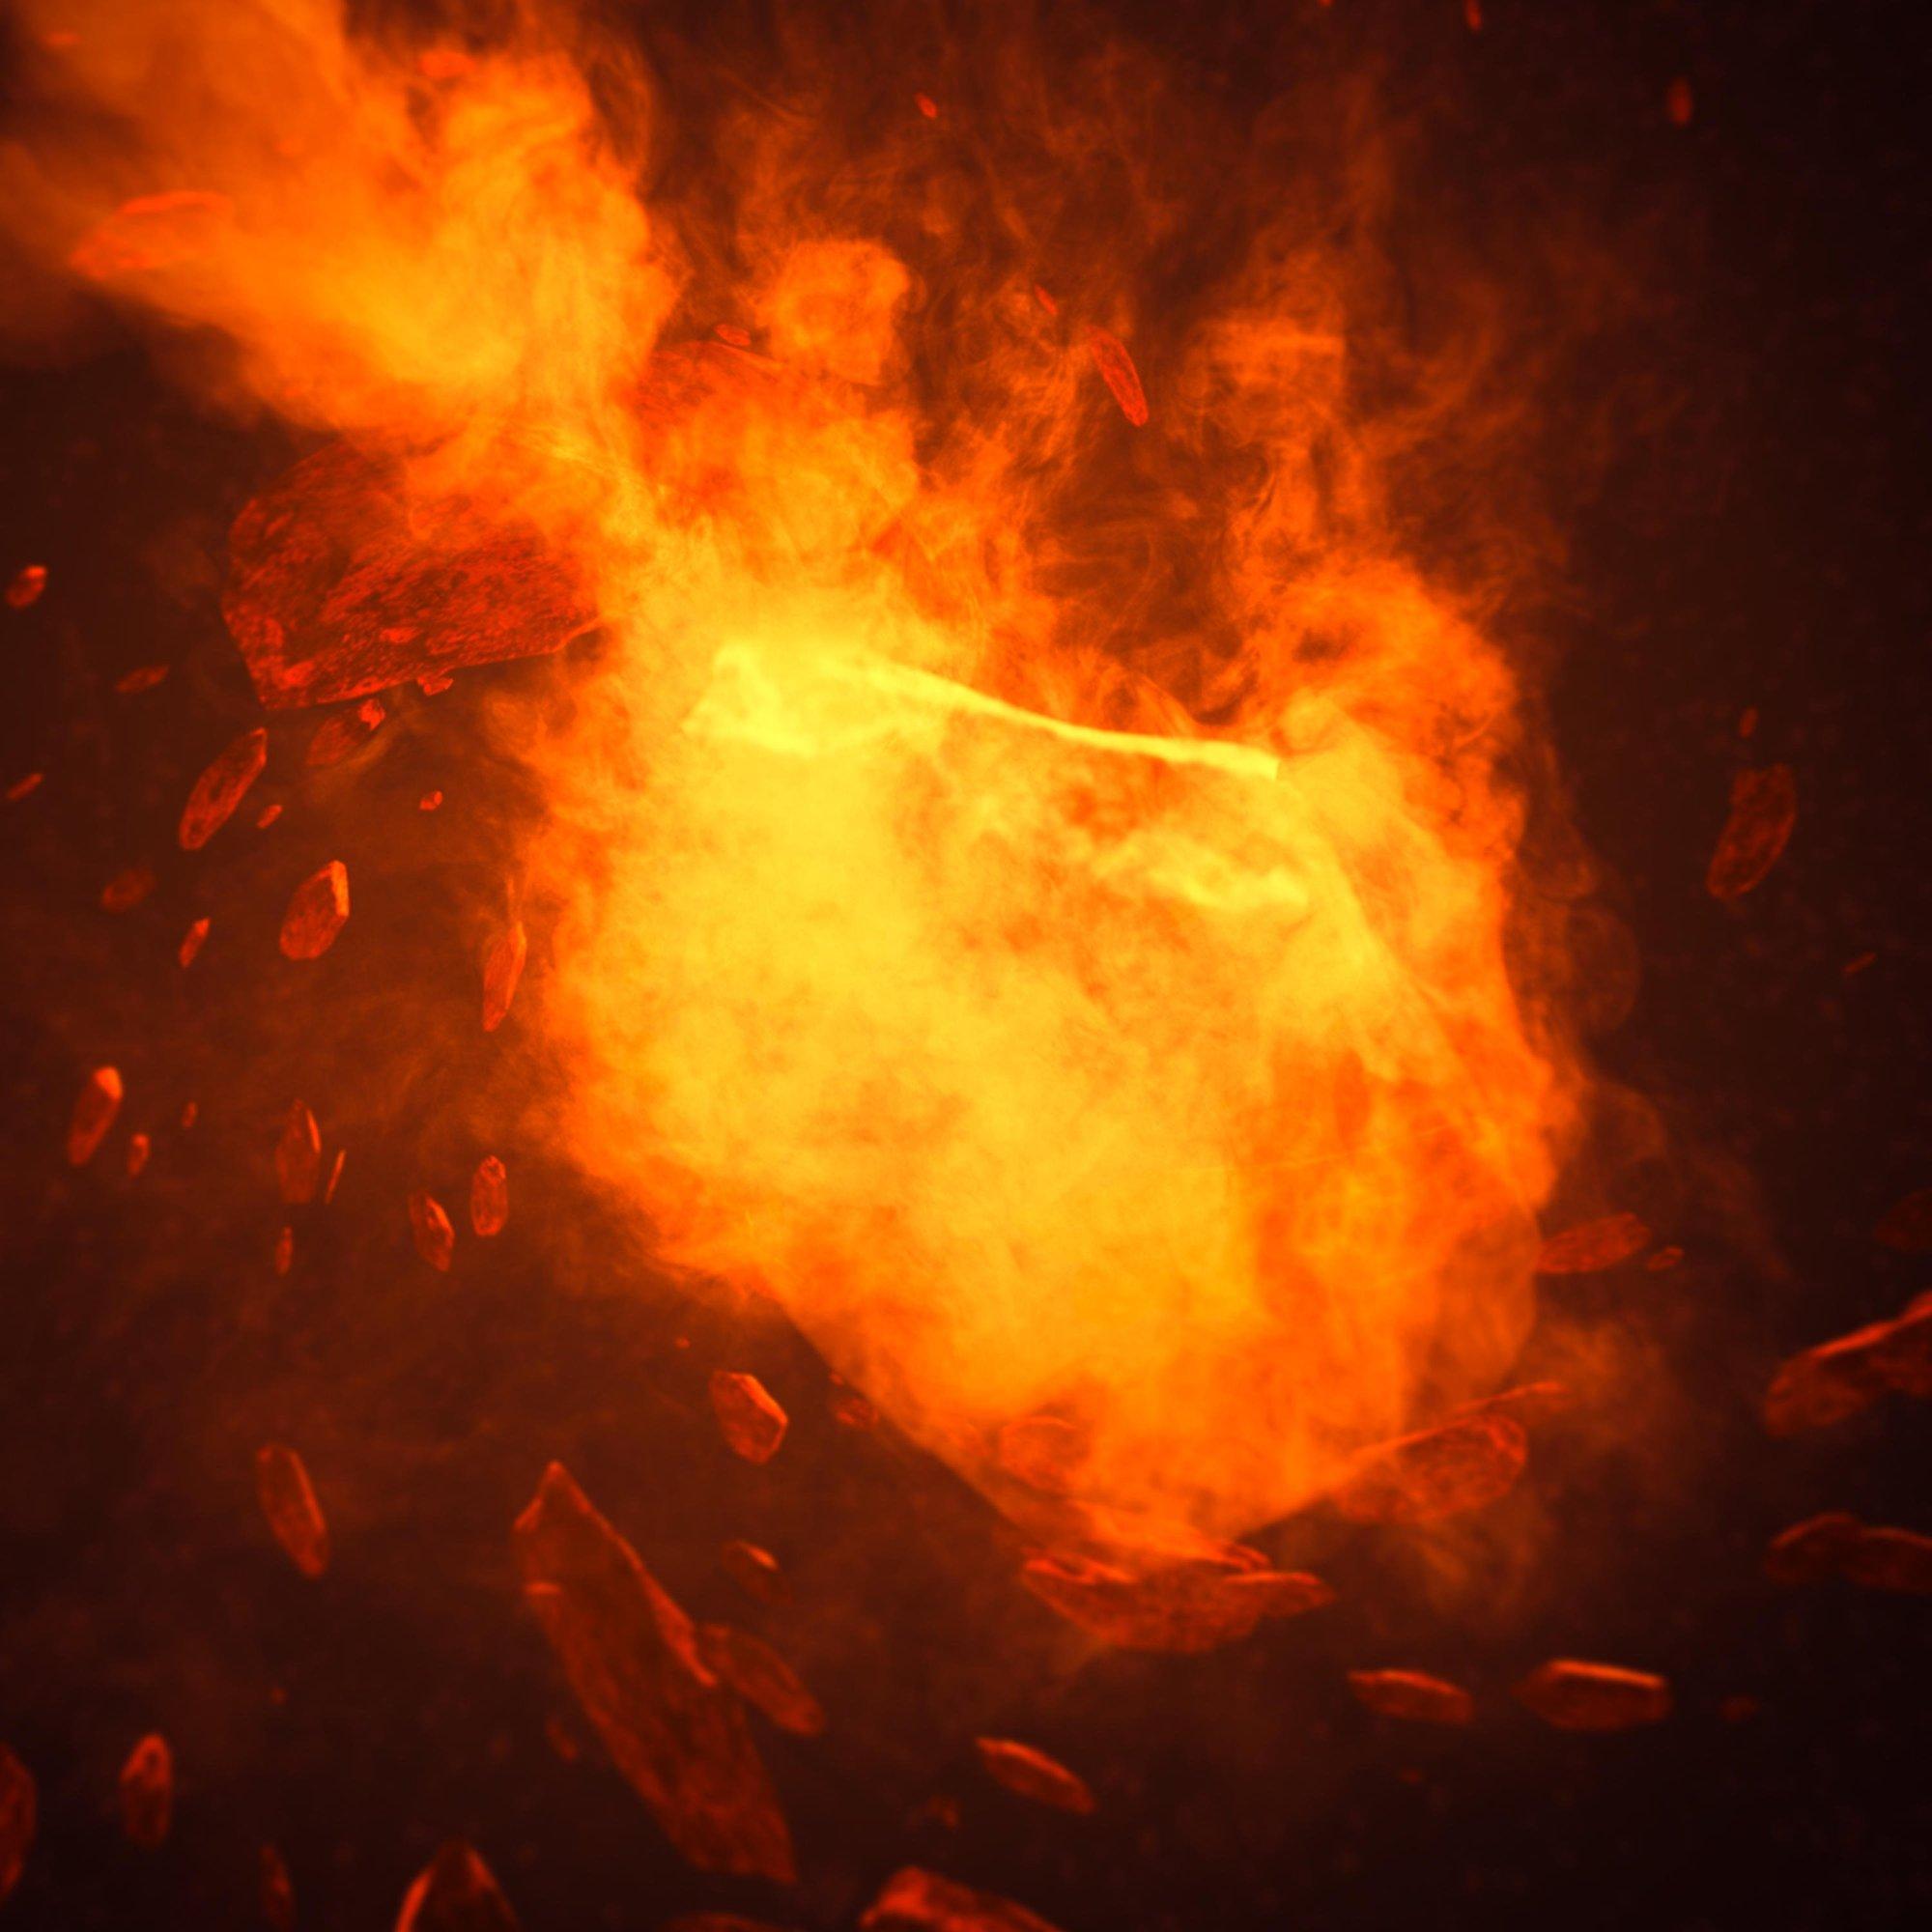 Eksplozija meteora, ilustracija